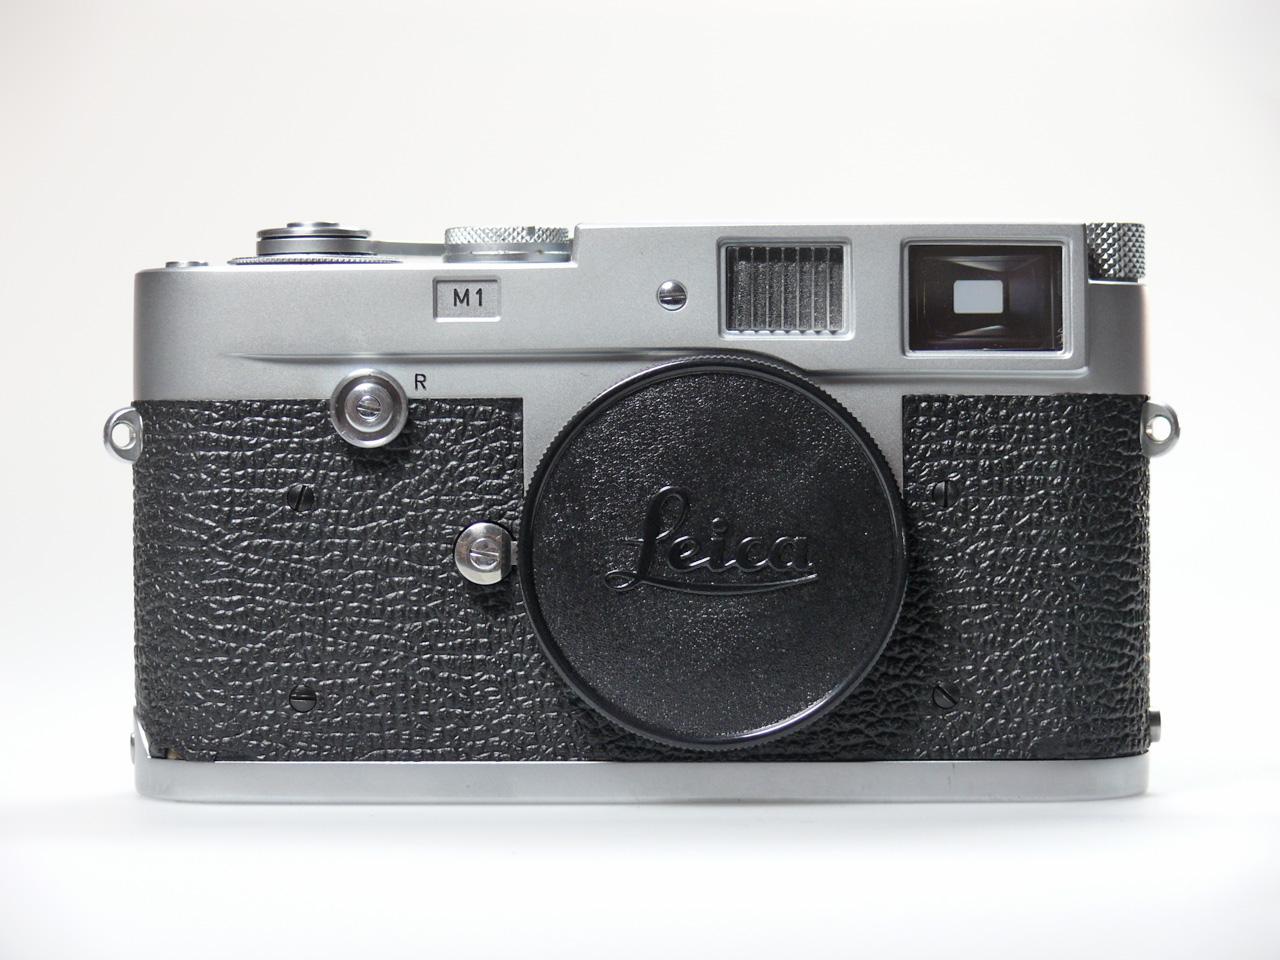 Leica M1 (1959)